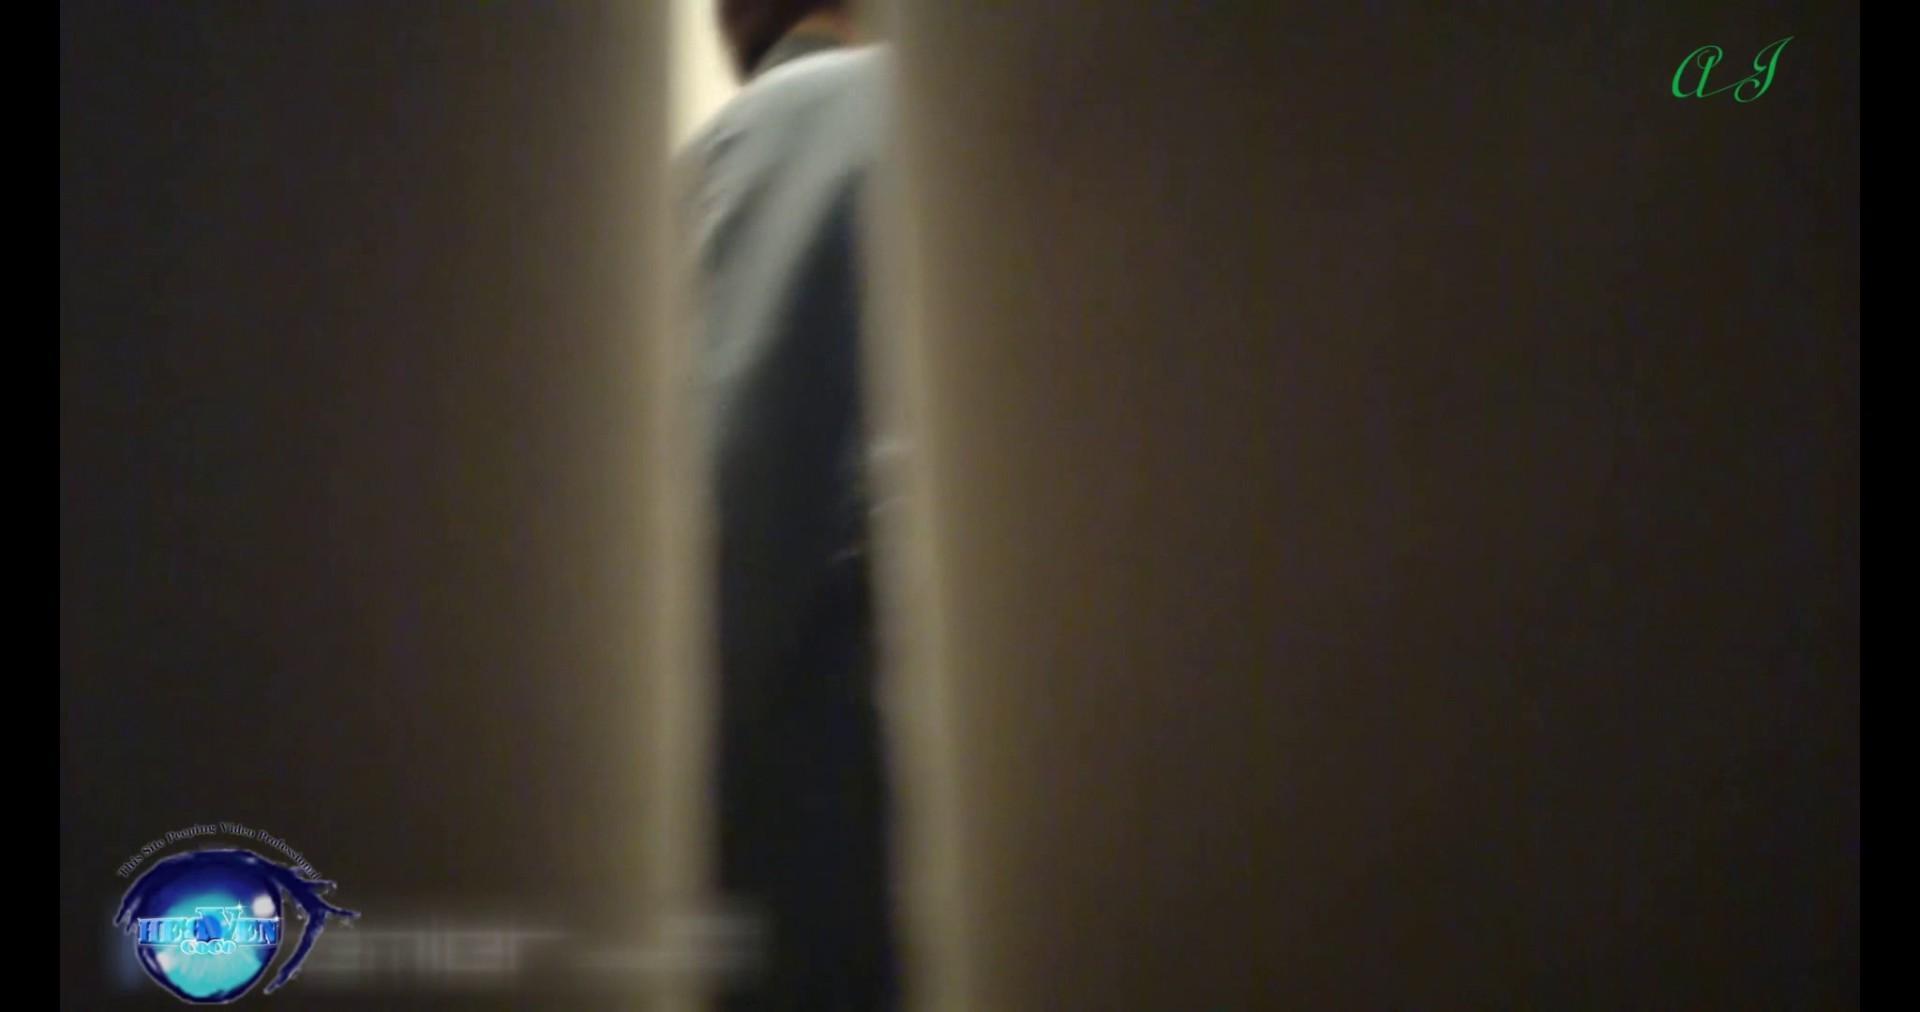 複数設置!!おしりドアップ美女多数有名大学女性洗面所 vol.75後編 美女まとめ 盗撮画像 81PIX 64